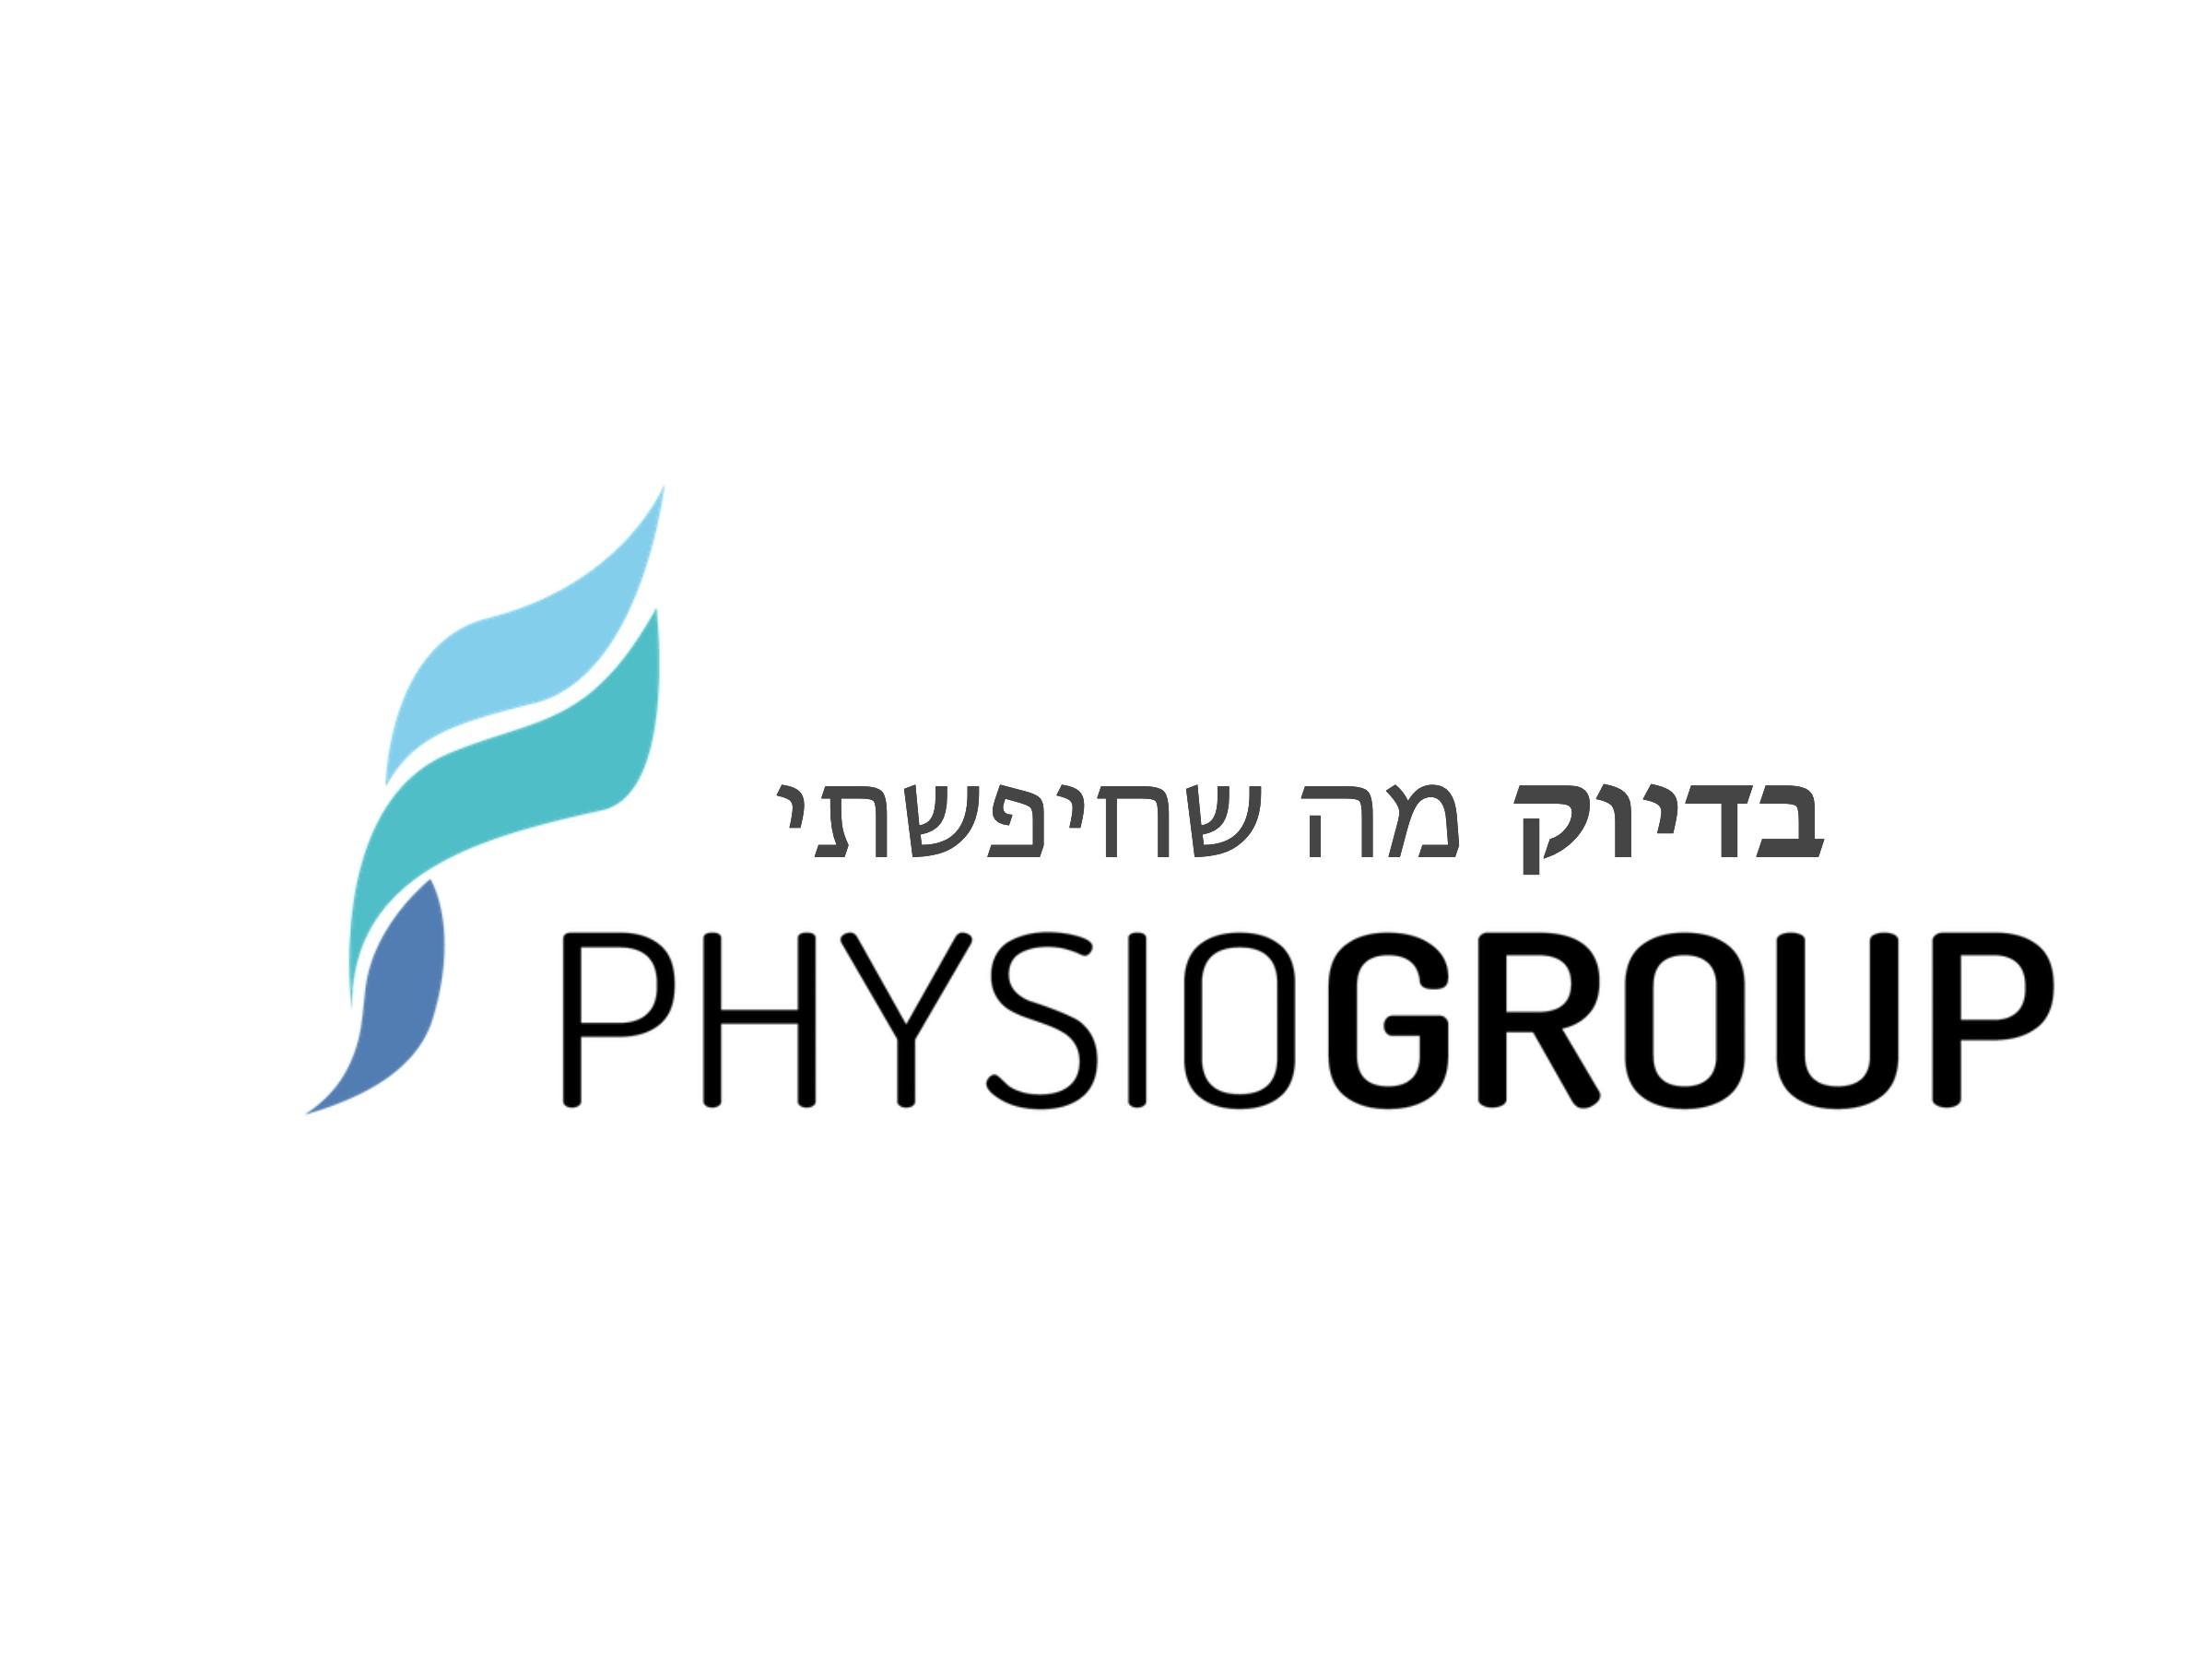 פיזיוגרופ פיזיותרפיה